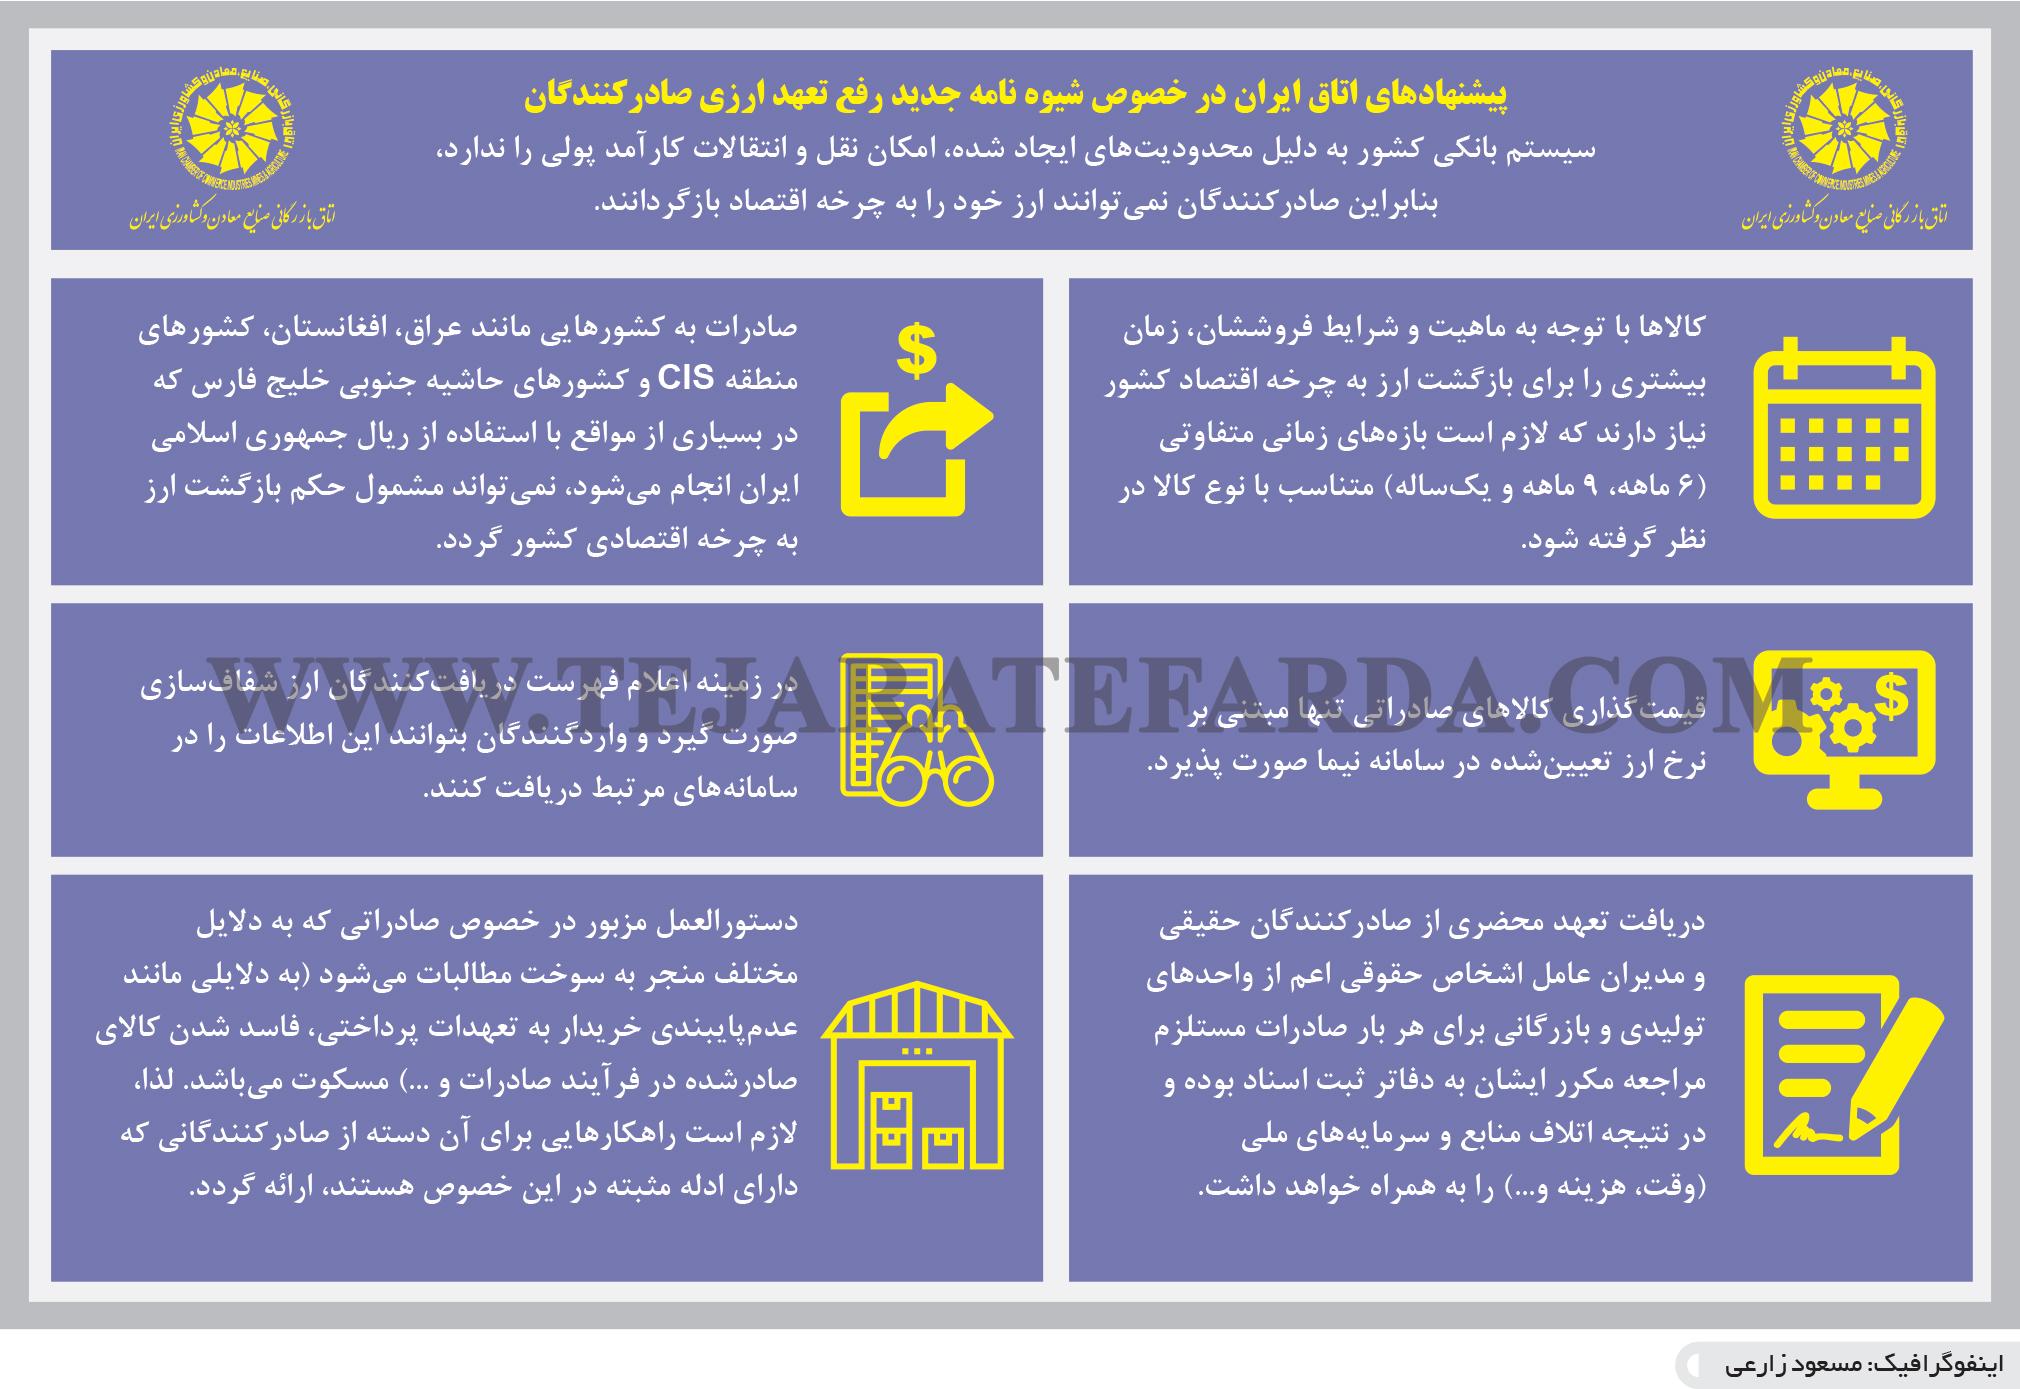 تجارت- فردا- پیشنهادهای اتاق ایران در خصوص شیوه نامه جدید رفع تعهد ارزی صادرکنندگان(اینفوگرافیک)